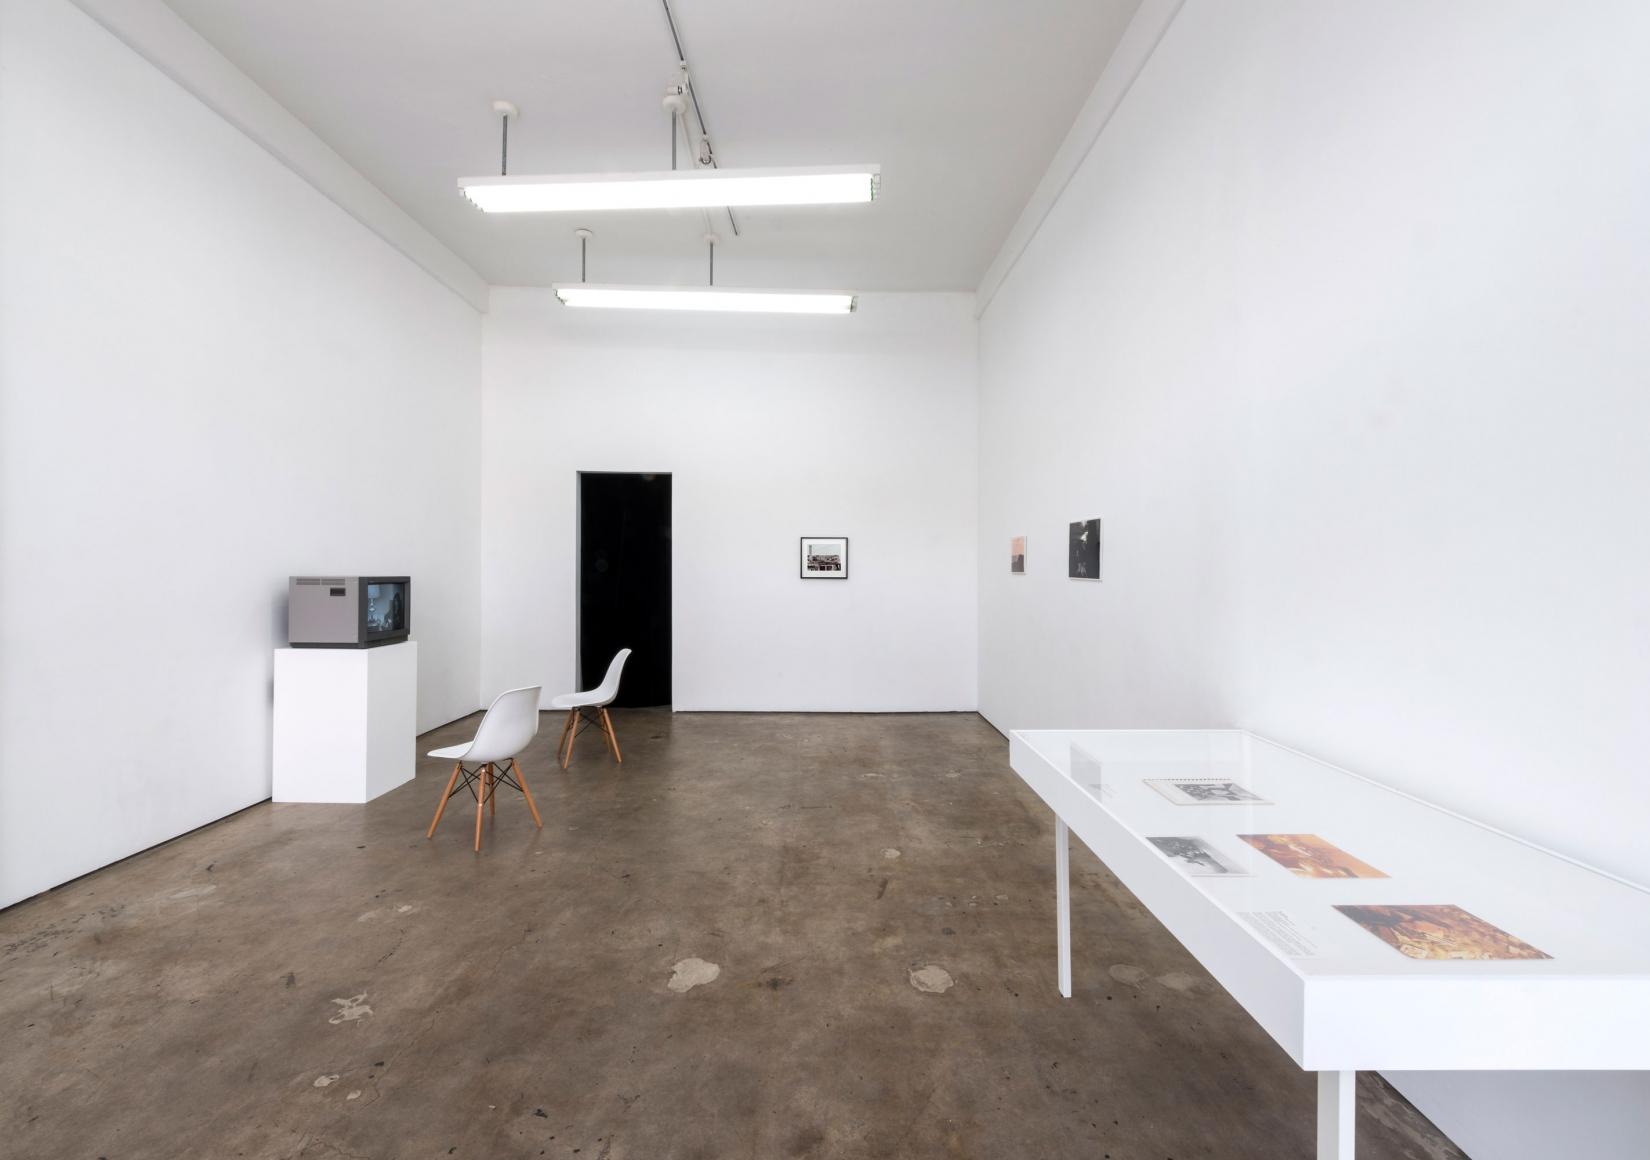 Bas Jan Ader - Exhibitions - Meliksetian | Briggs